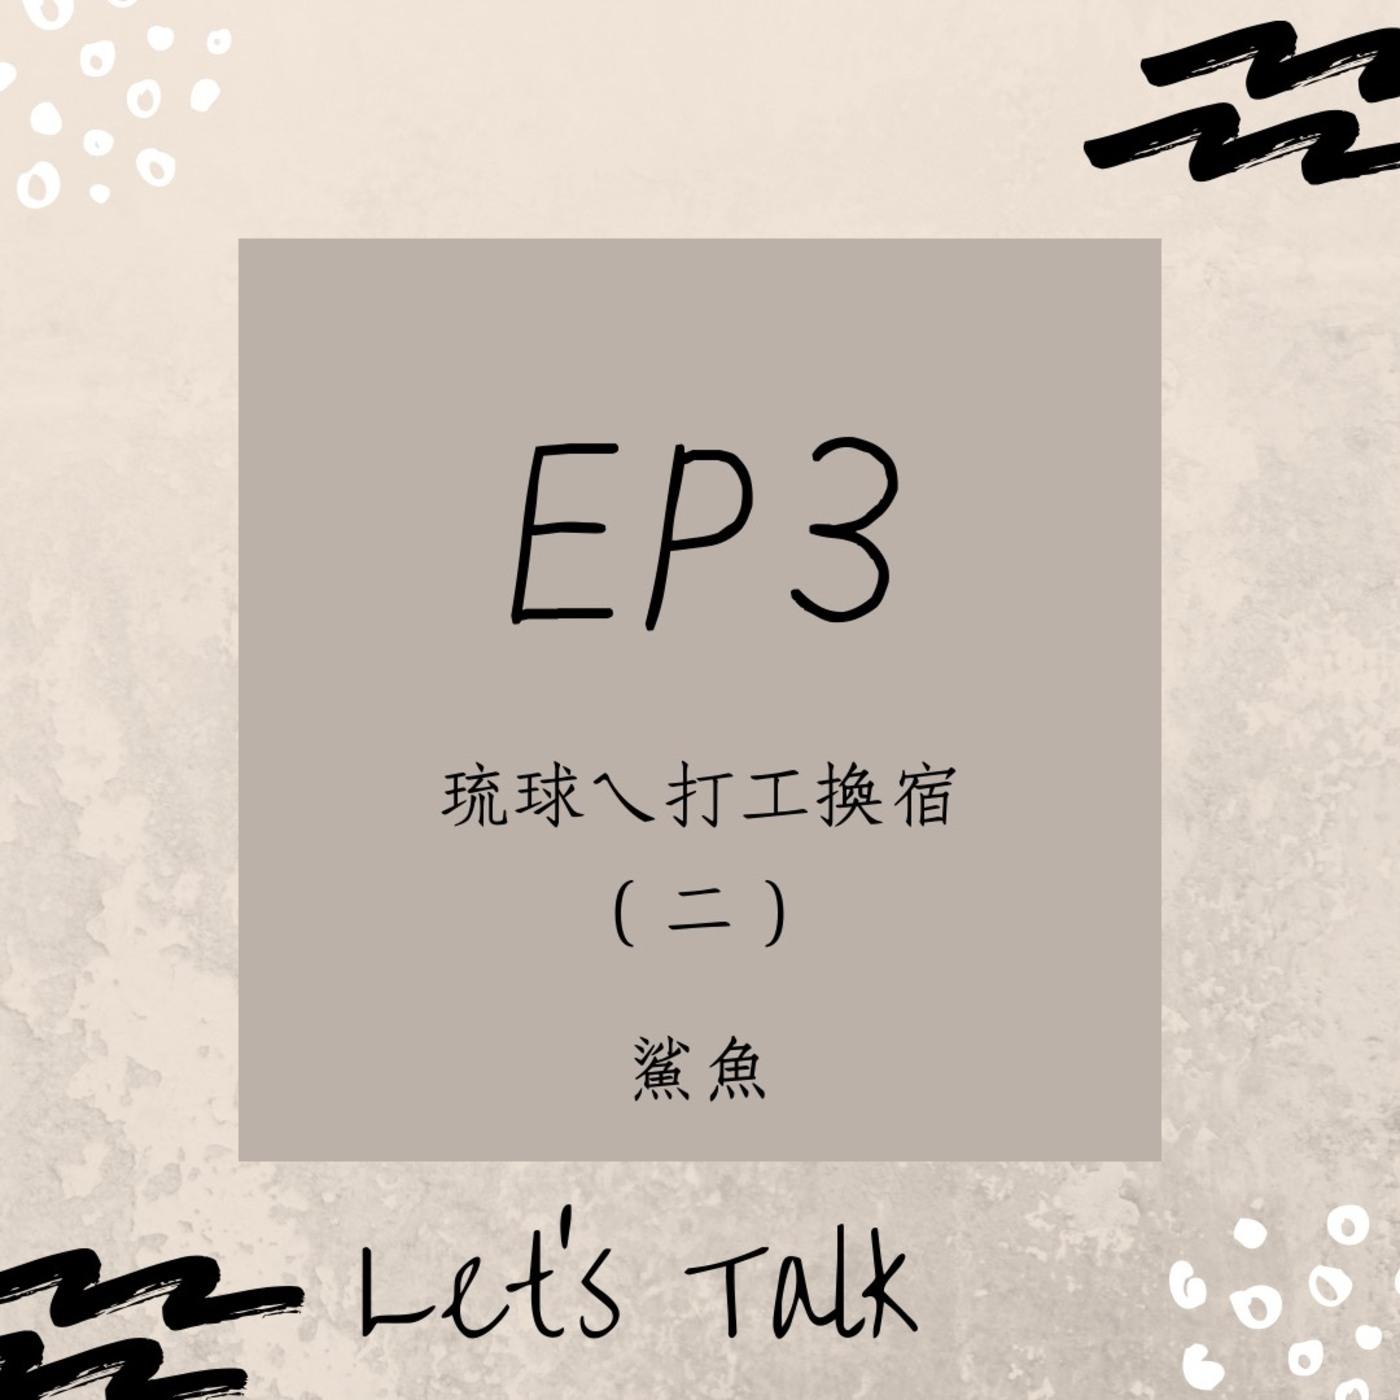 【欸來抬槓下】EP3:琉球ㄟ打工換宿(二)